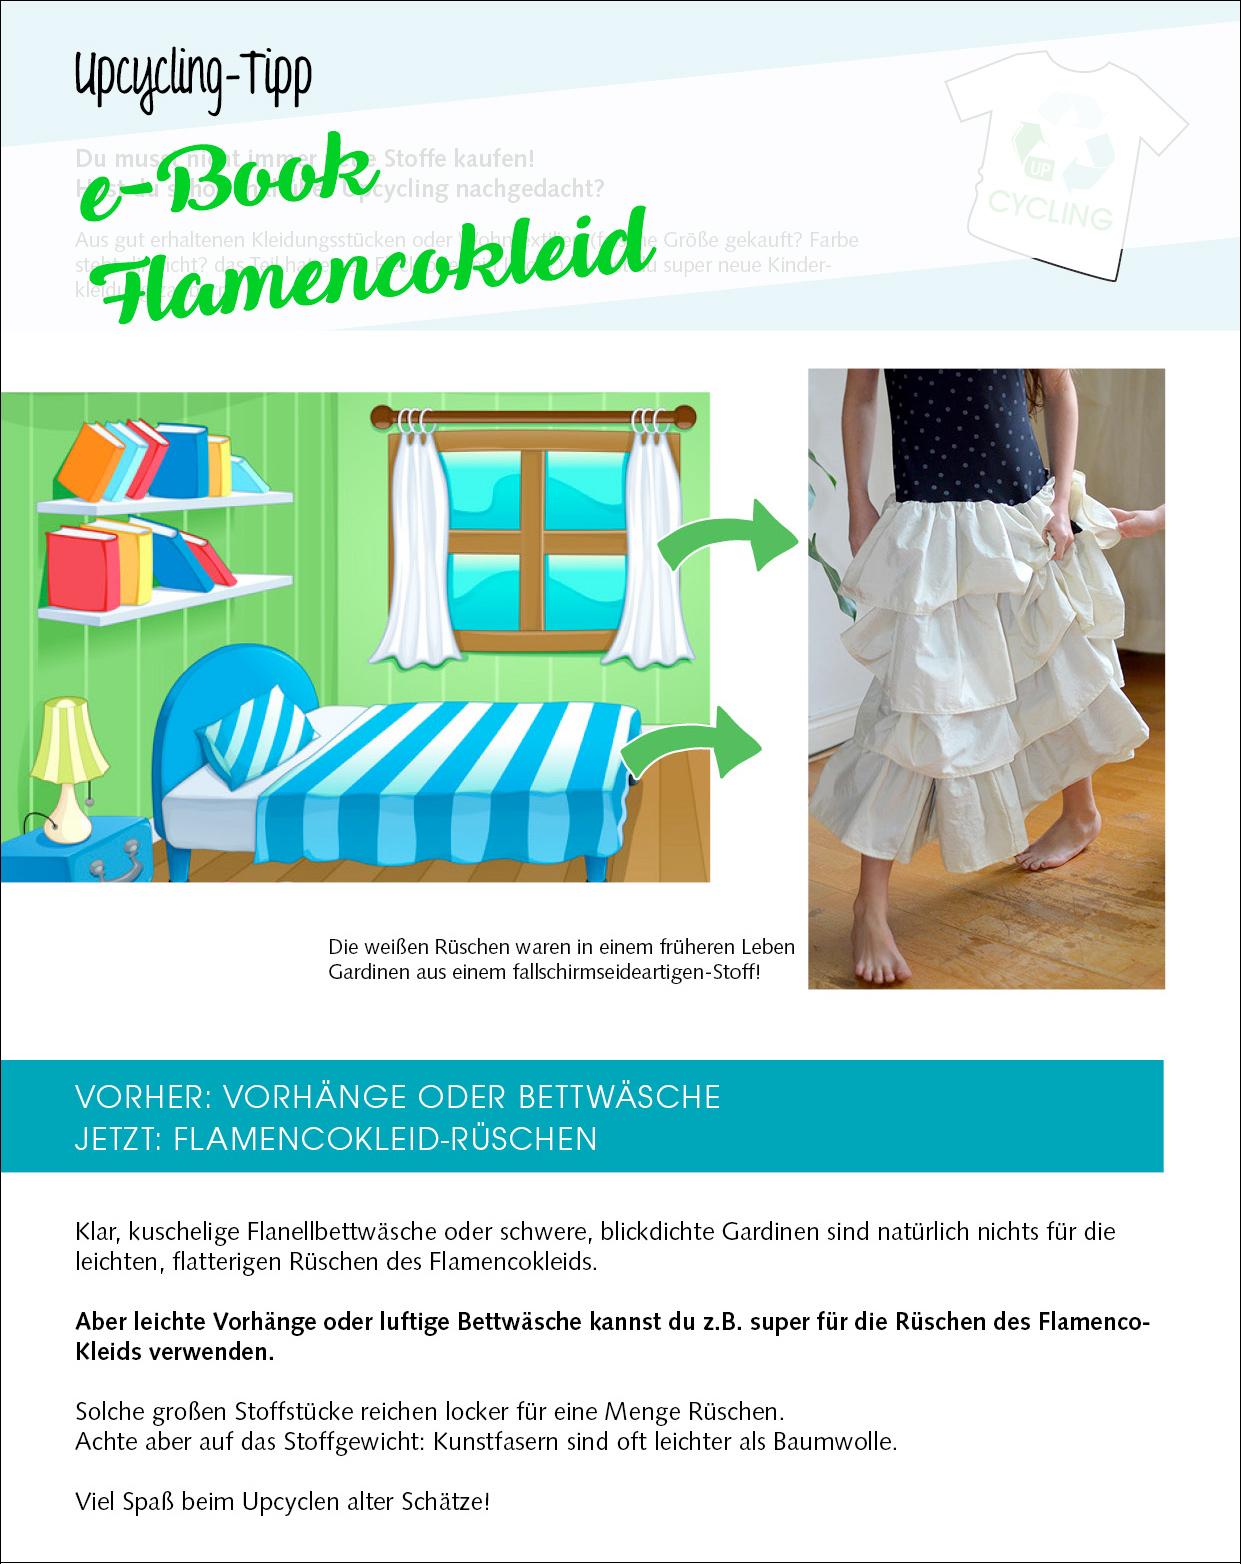 Upcycling aus Vorhängen oder Bettwäsche: Rüschenkleid nähen